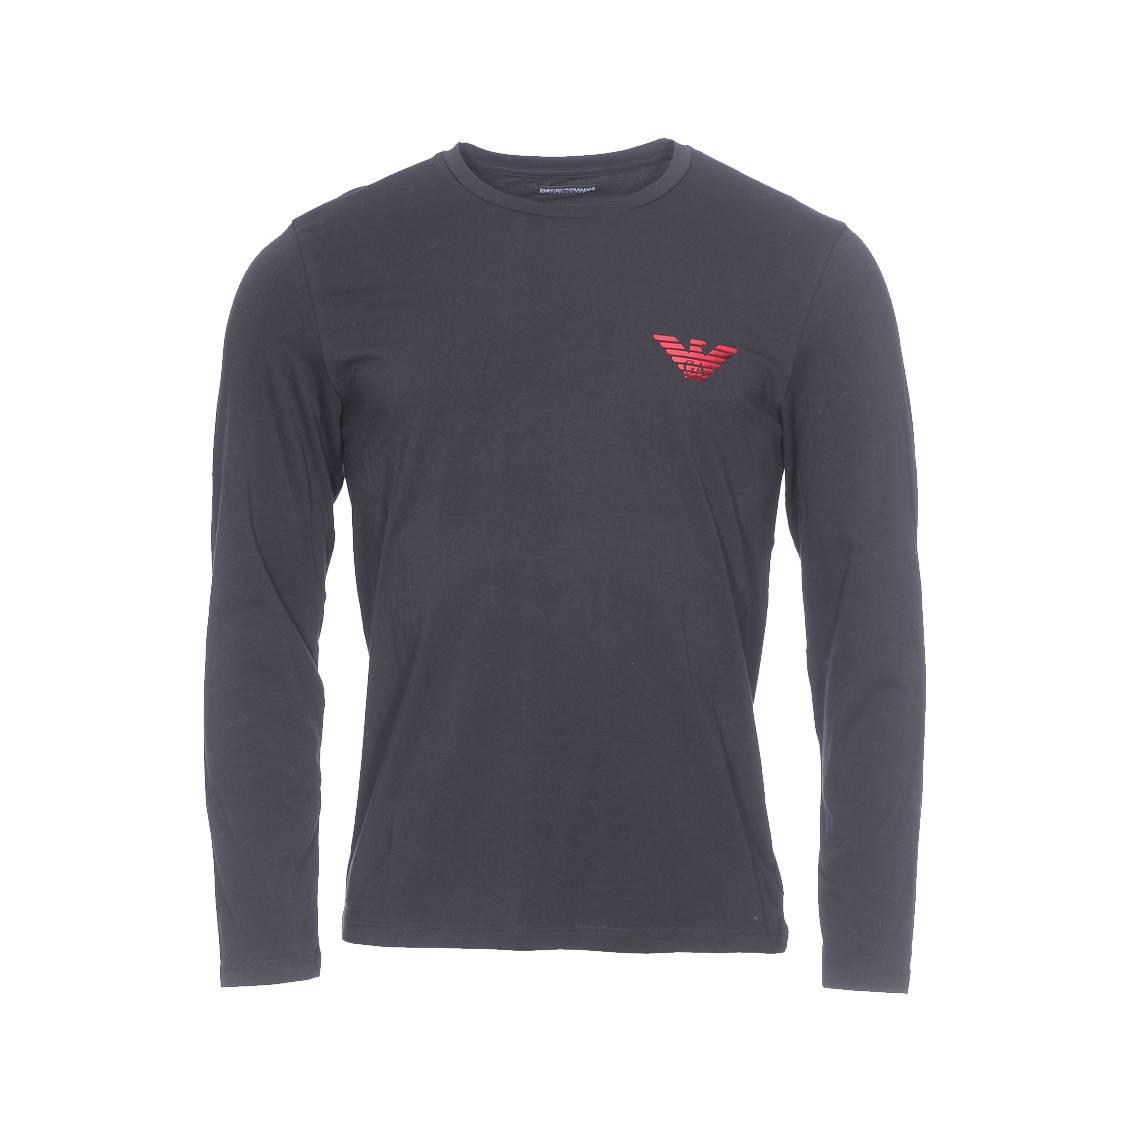 Tee-shirt manches longues  en coton stretch noir floqué en rouge brillant